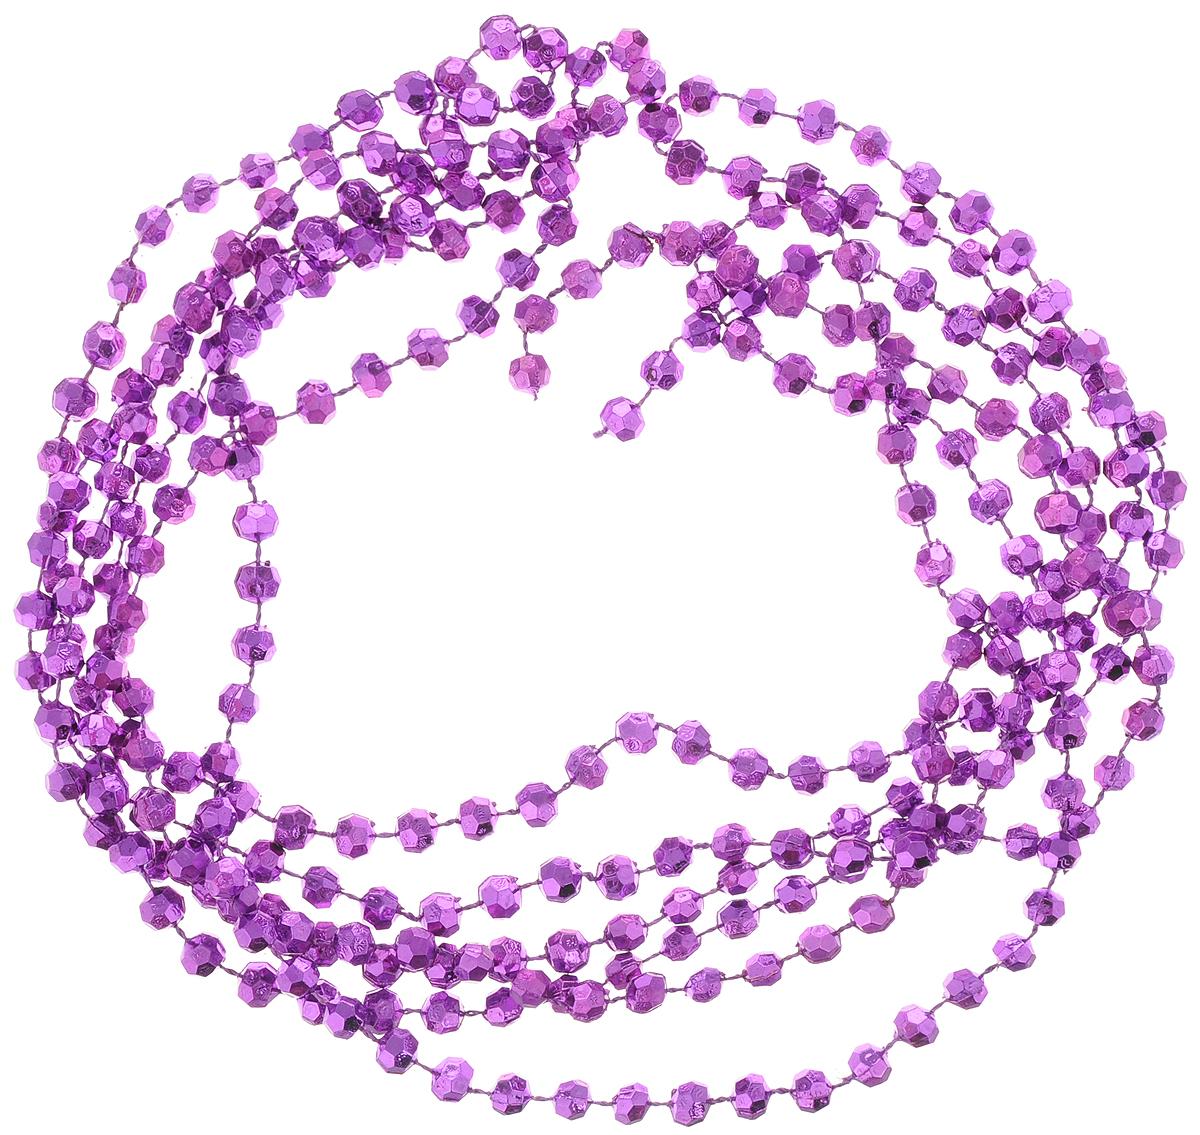 Гирлянда новогодняя Magic Time Пурпурные горошины, 2,7 м42048Новогодняя гирлянда Magic Time Пурпурные горошины,выполненная из полистирола, украсит интерьер вашегодома или офиса в преддверии Нового года. Гирляндапредставляет собой бусины на нити. Оригинальный дизайни красочное исполнение создадут праздничноенастроение.Новогодние украшения всегда несут в себе волшебство икрасоту праздника. Создайте в своем доме атмосферутепла, веселья и радости, украшая его всей семьей. Диаметр бусины: 7 мм.